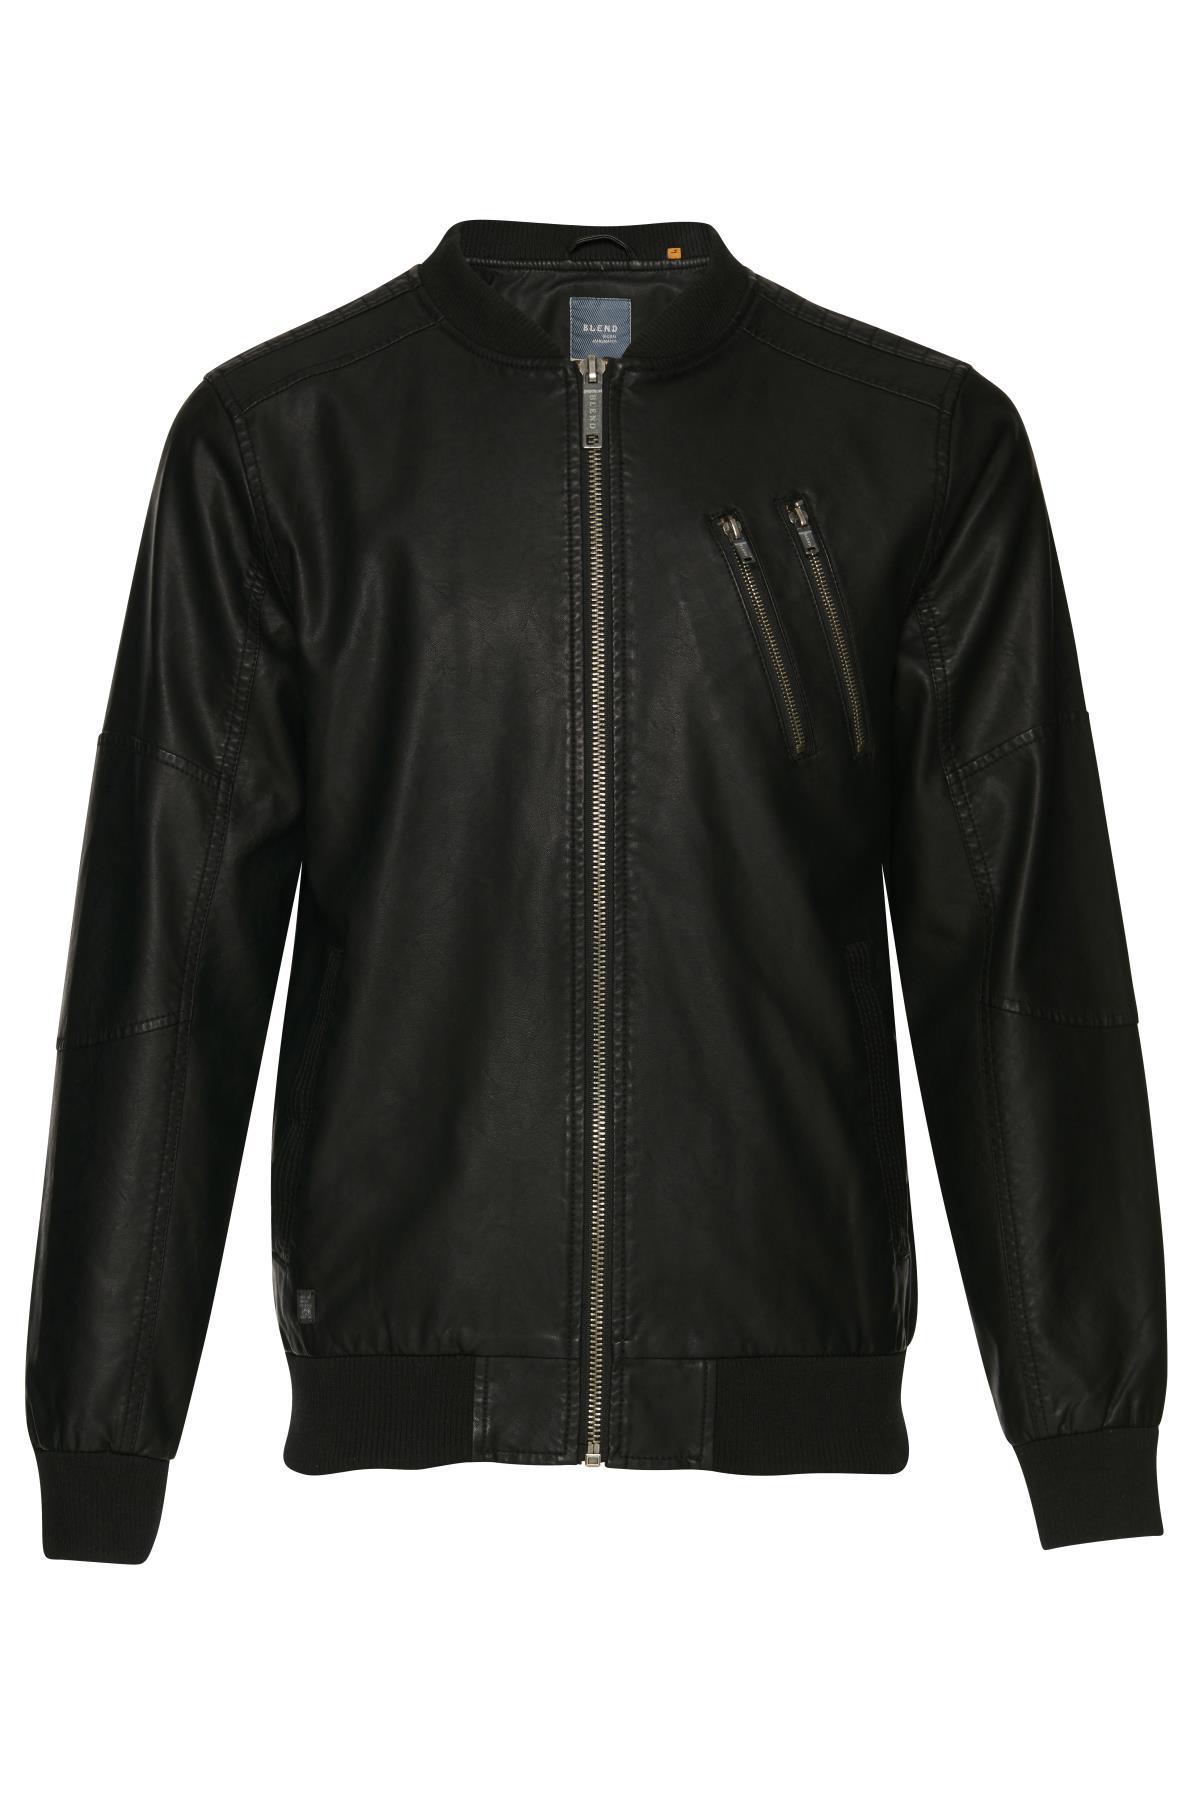 Black Overtøj – Køb Black Overtøj fra str. S-XL her